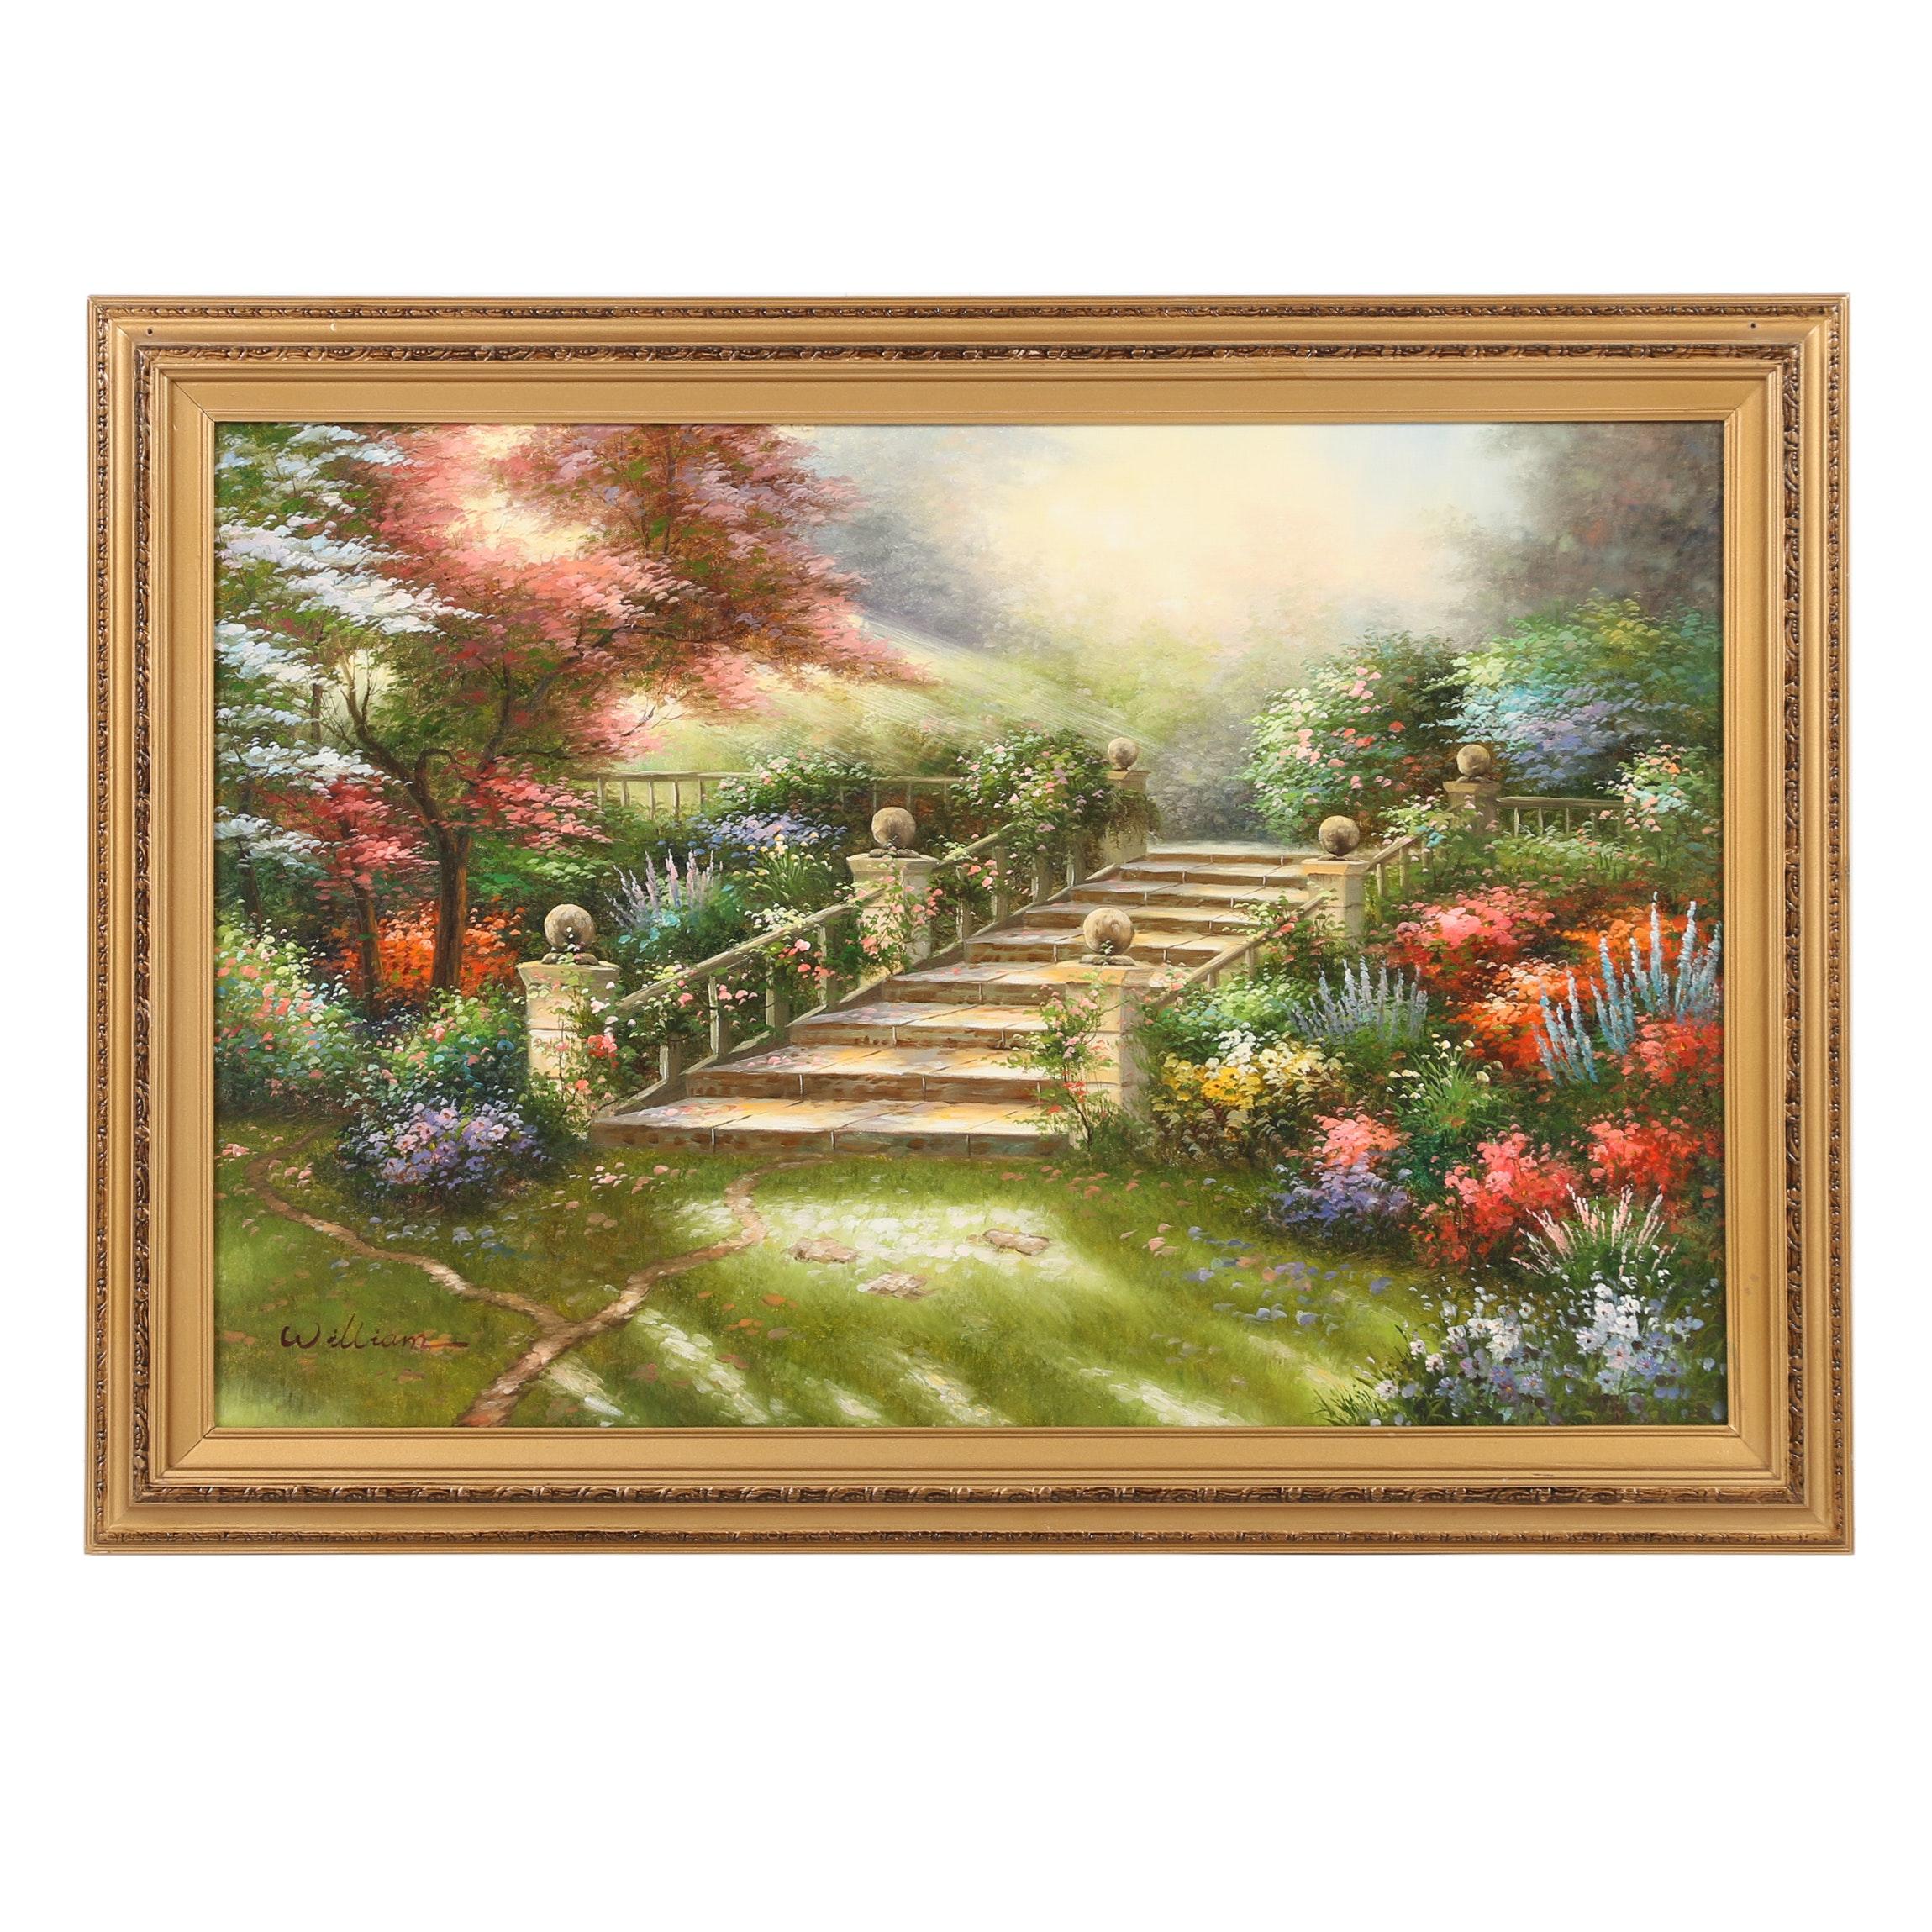 William Oil Painting of Idyllic Garden Scene